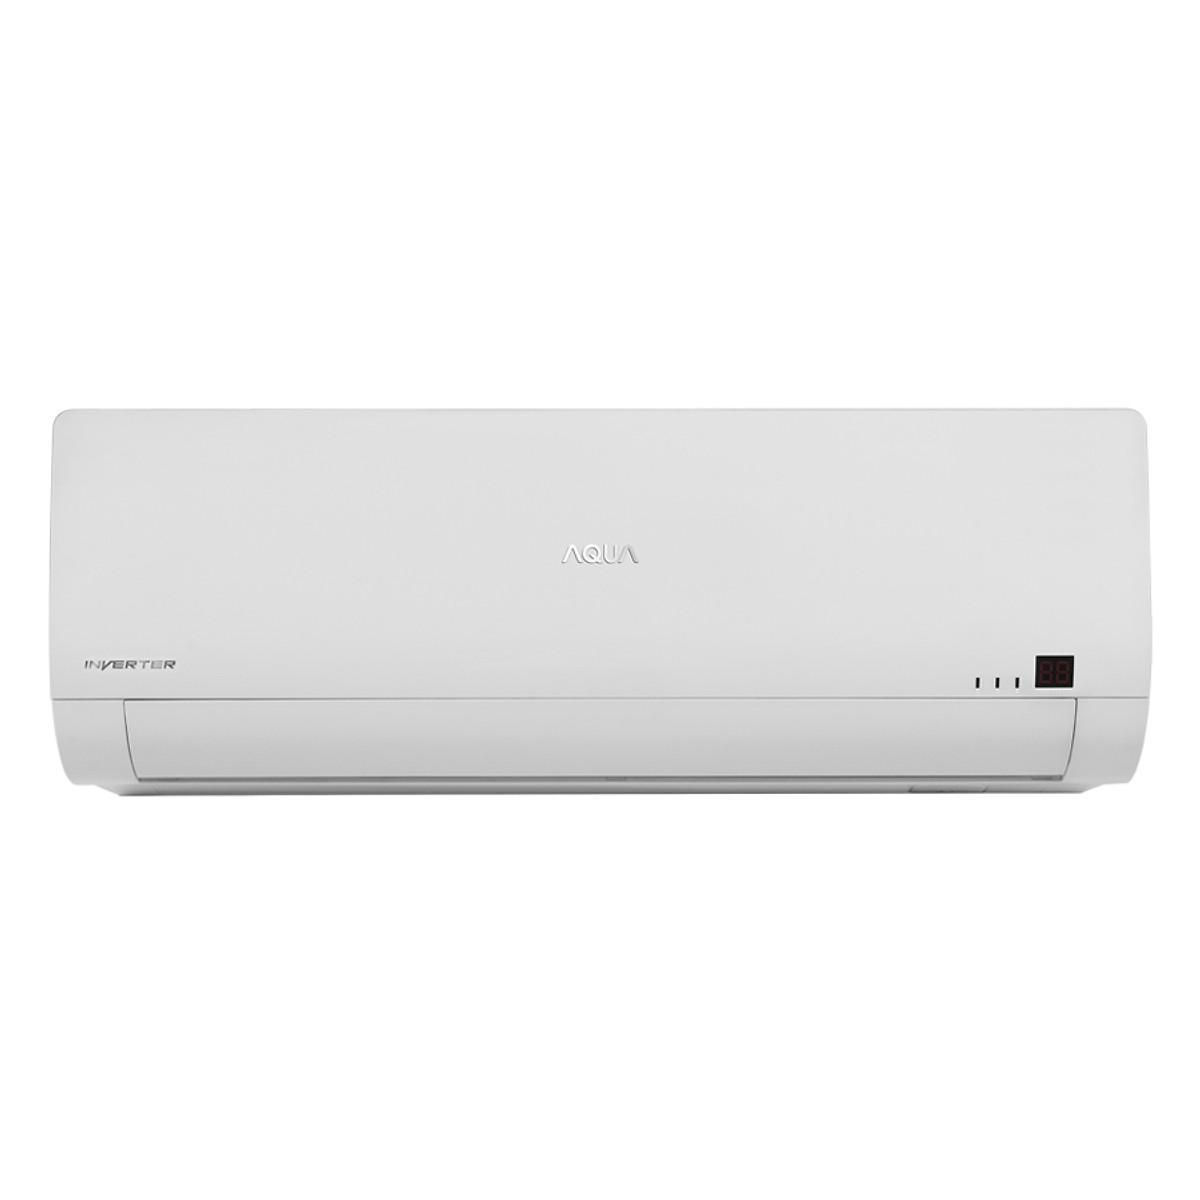 Bảng giá Máy Lạnh AQUA Inverter 1.5 HP AQA-KCRV12WGSB